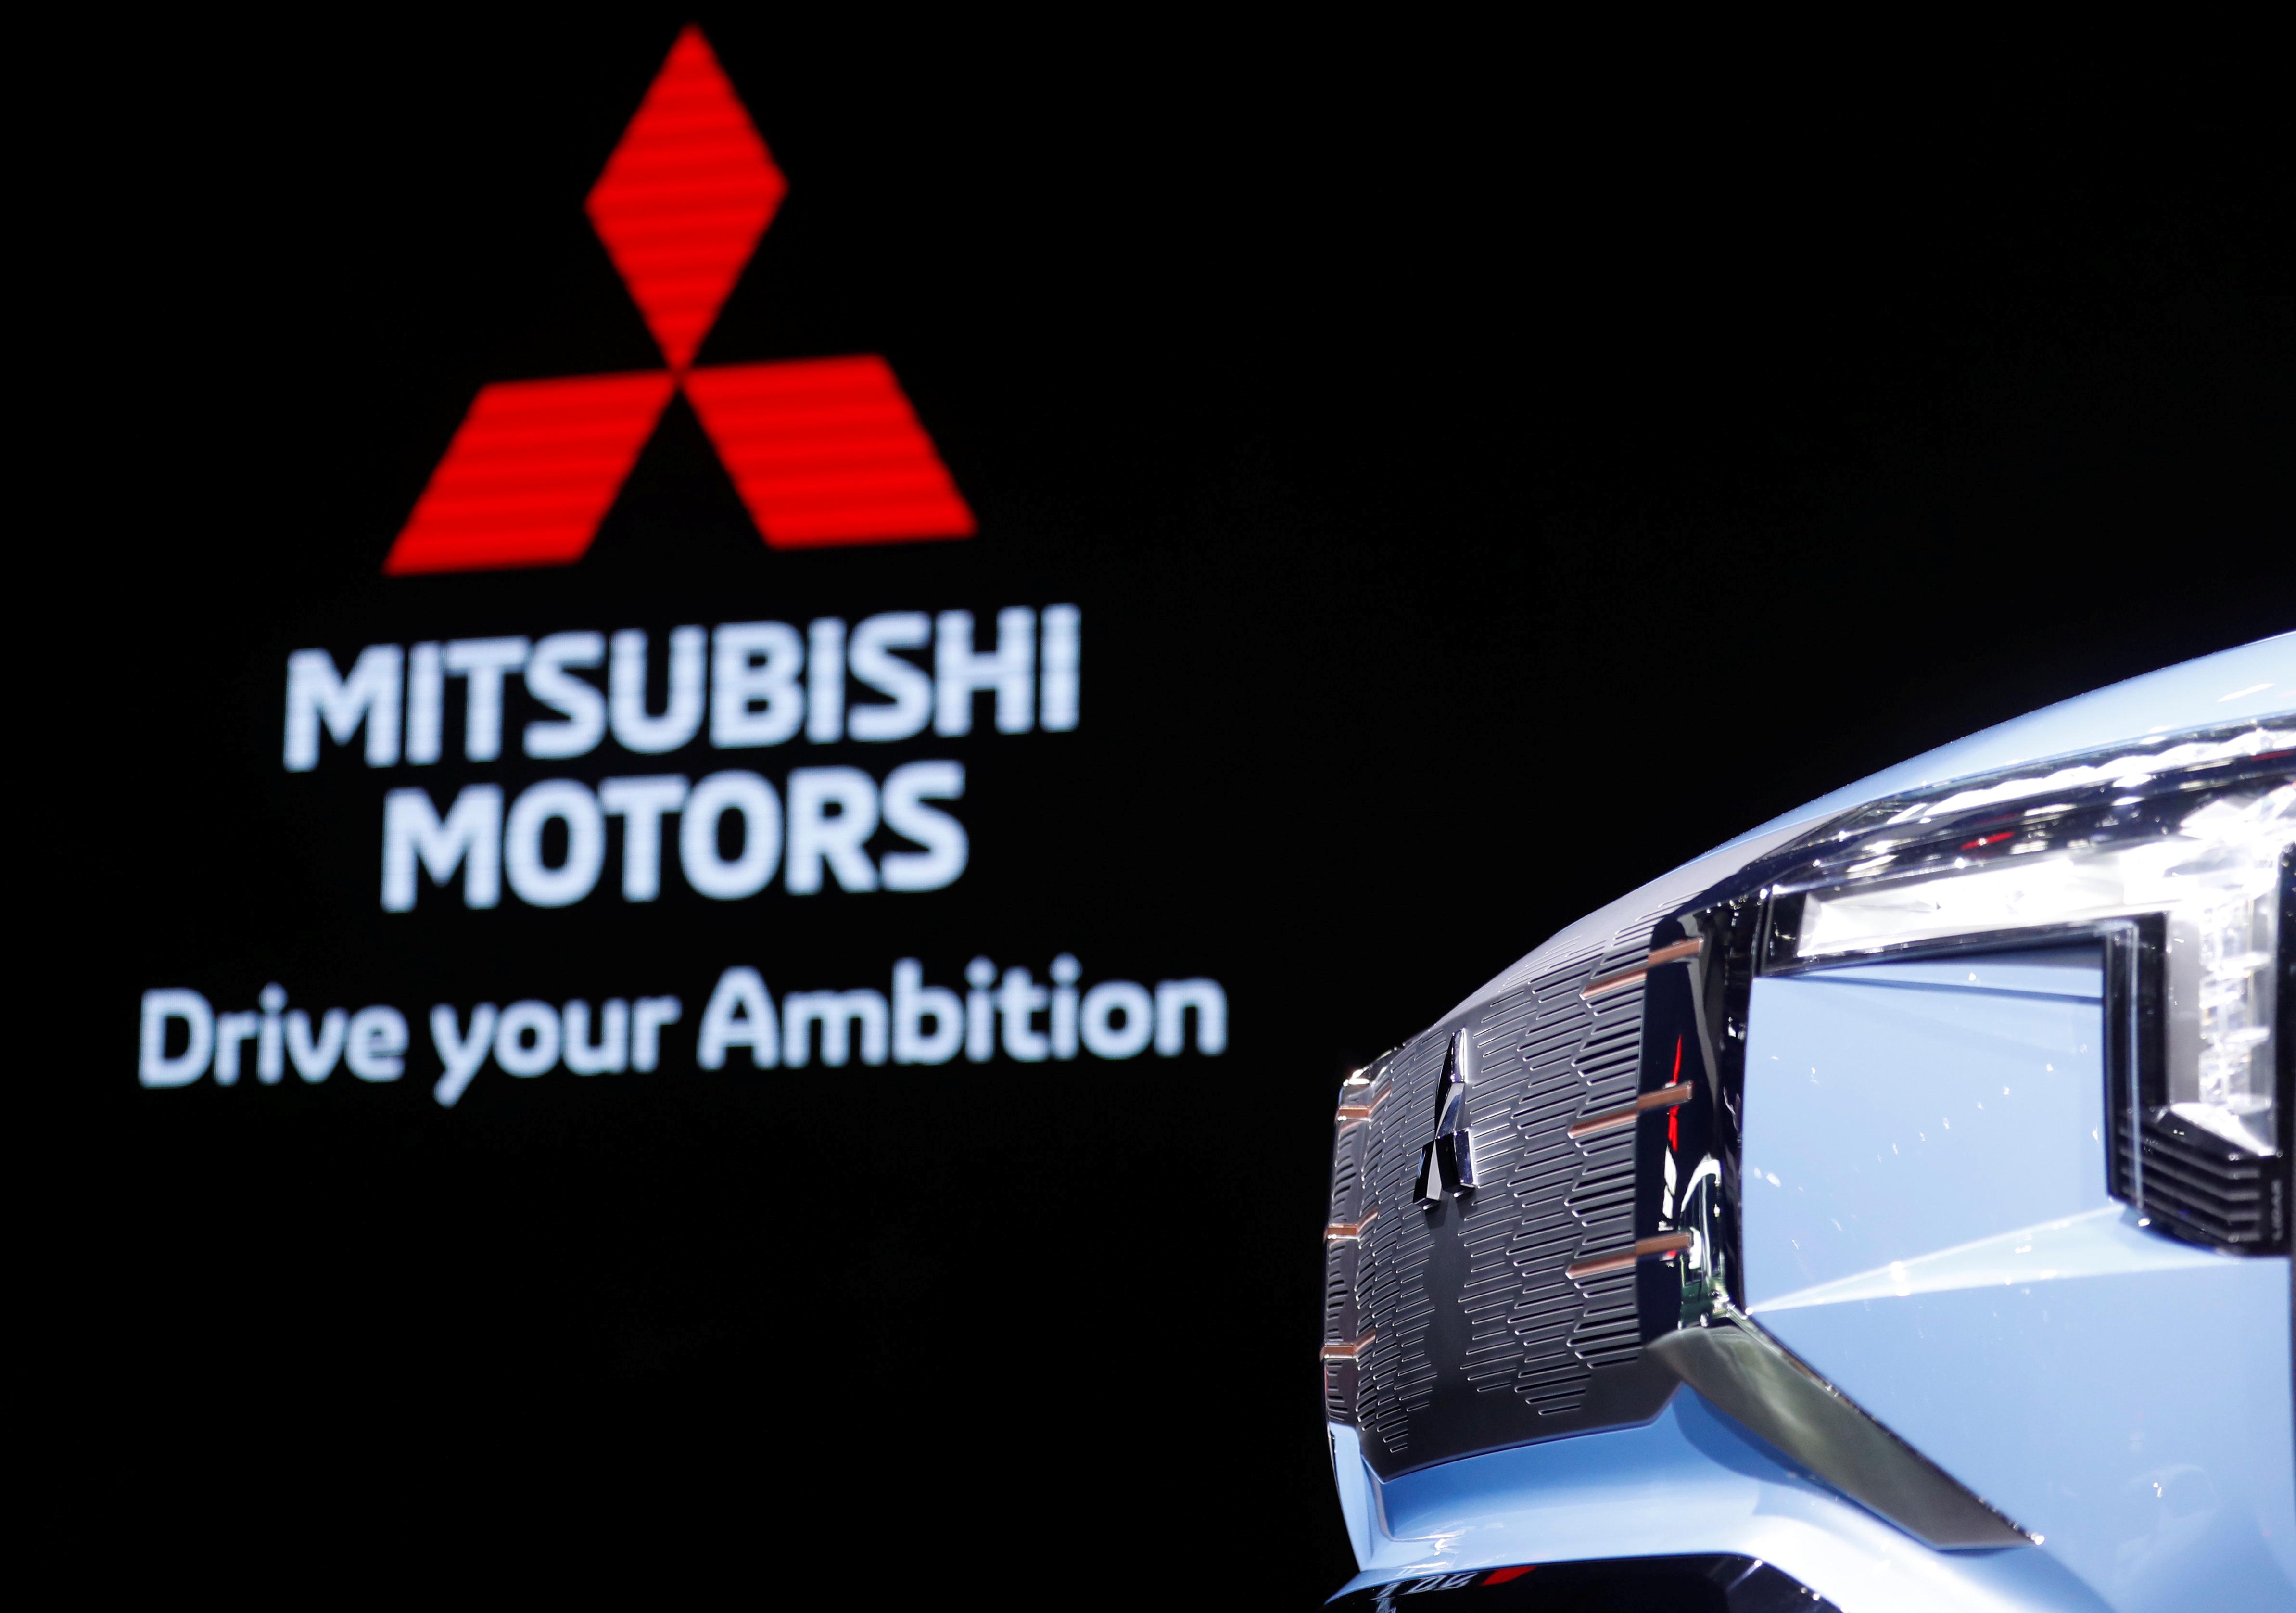 Mitsubishi Mi-Tech concept car is seen in Tokyo Motor Show in Tokyo, Japan October 24, 2019. REUTERS/Soe Zeya Tun